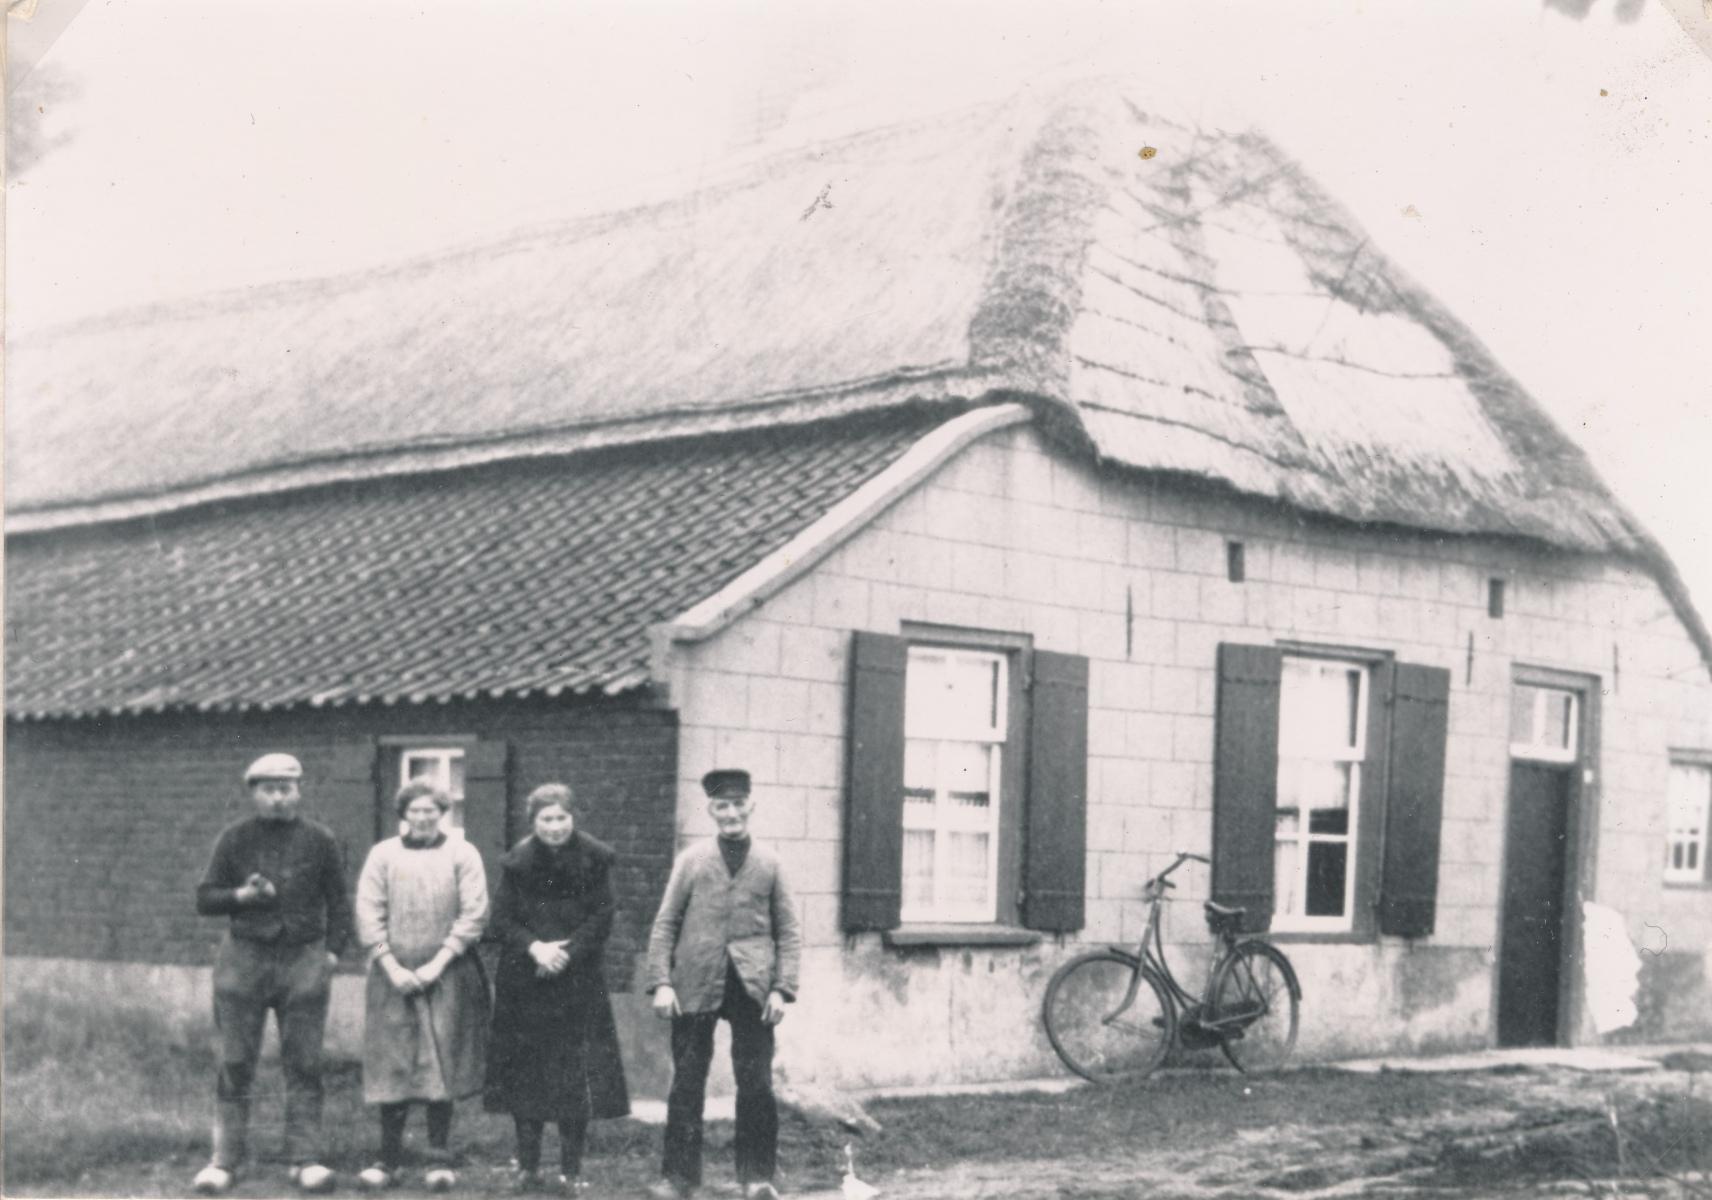 Datering 1930. Het huis van Ties Rutten